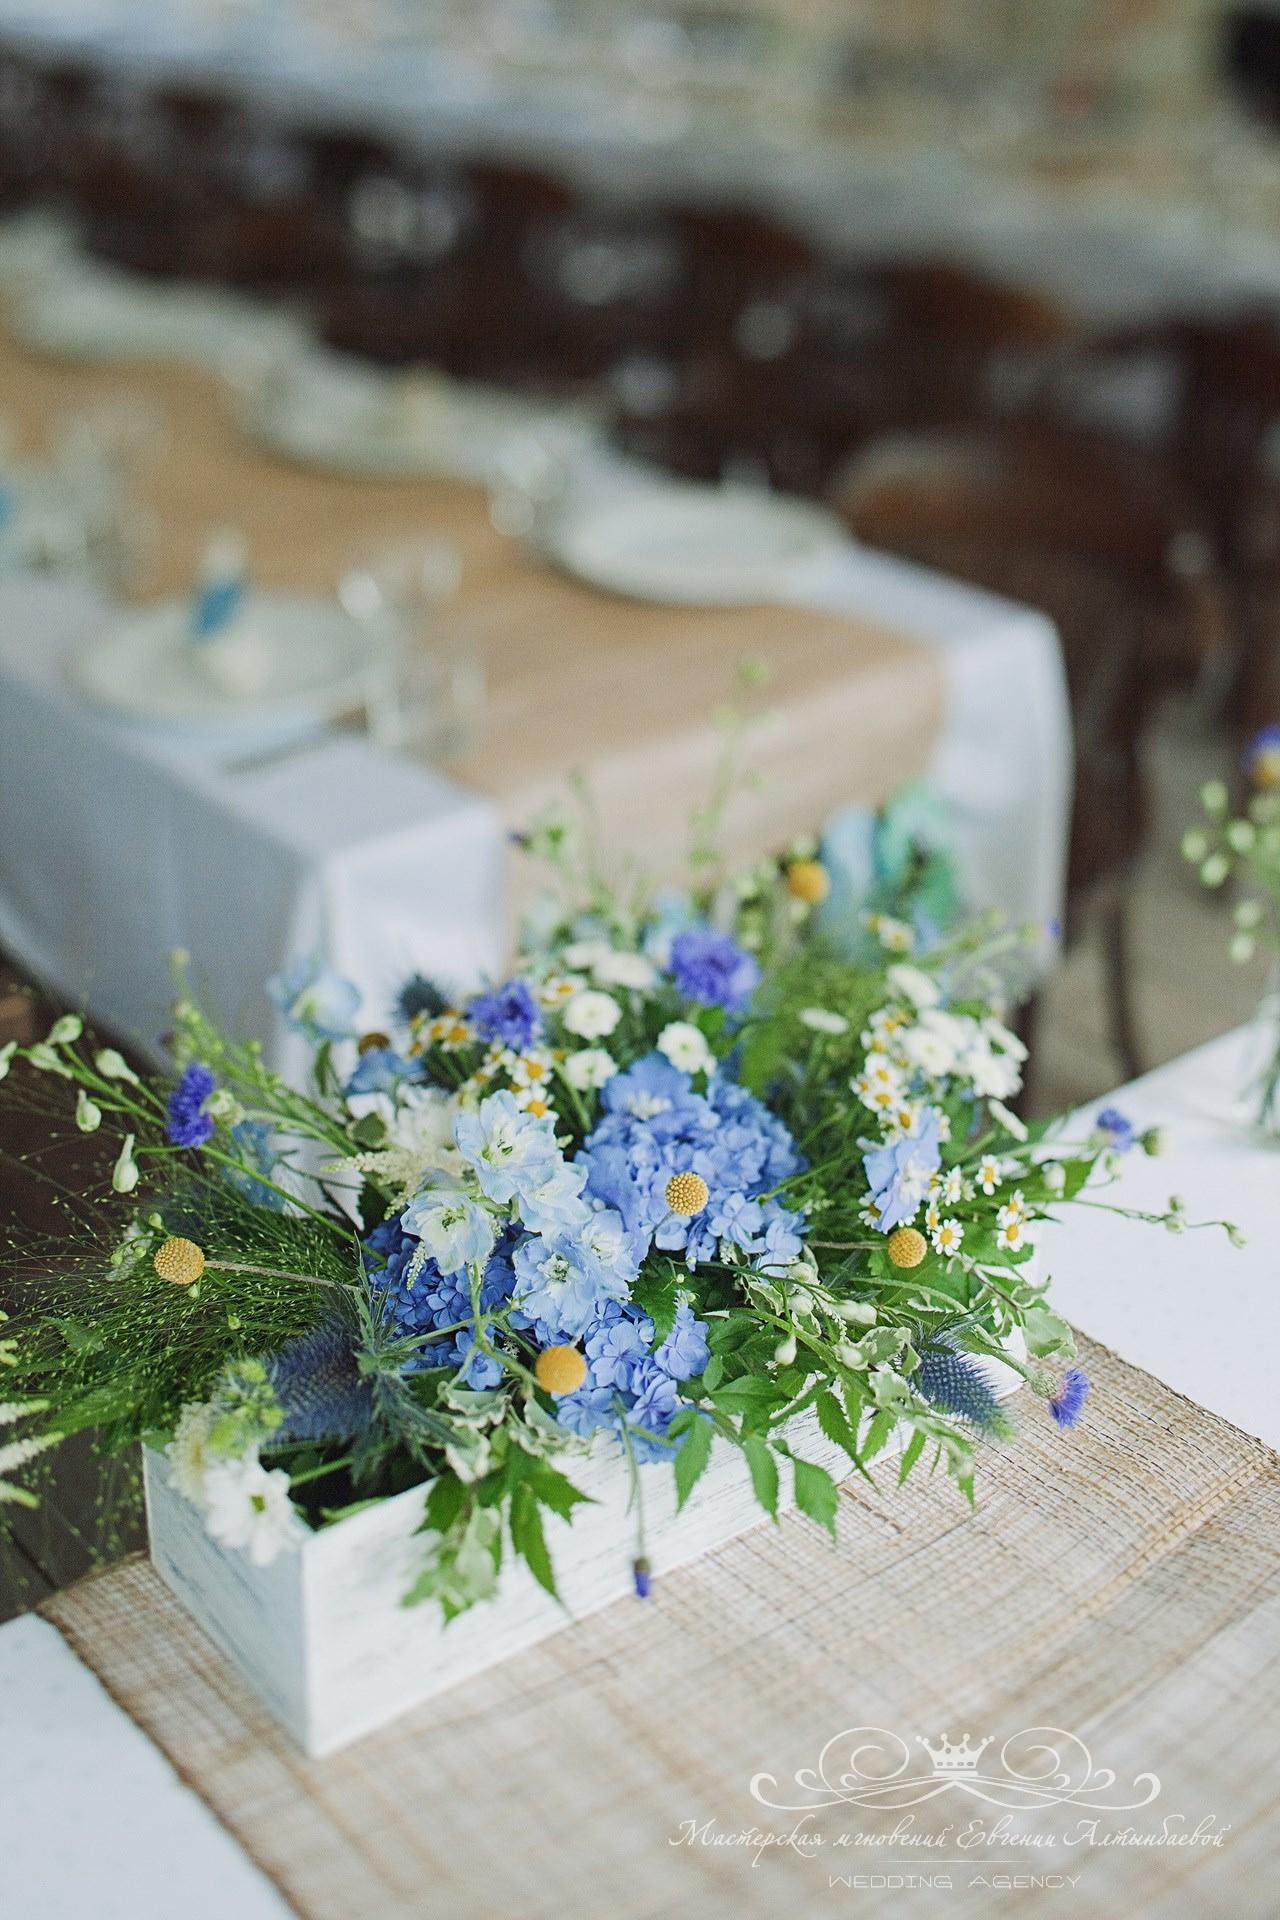 oformleniye-svadby-polevymi-tsvetami